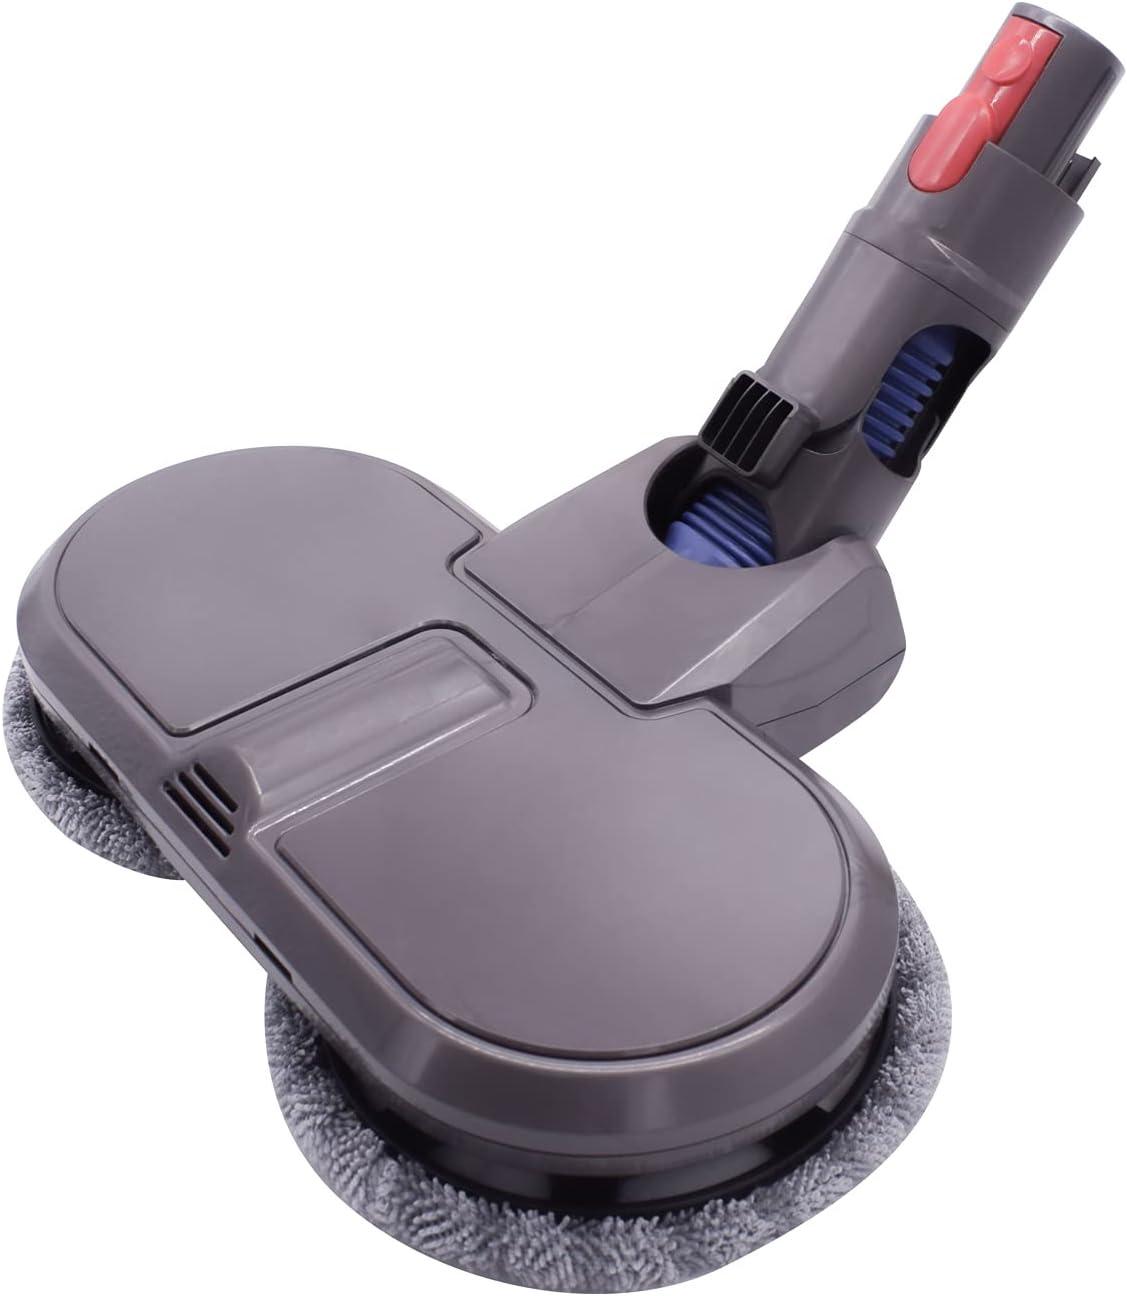 Japan Maker New Electric Cleaner Head Compatible with Dyson V10 V7 V11 Super Special SALE held V8